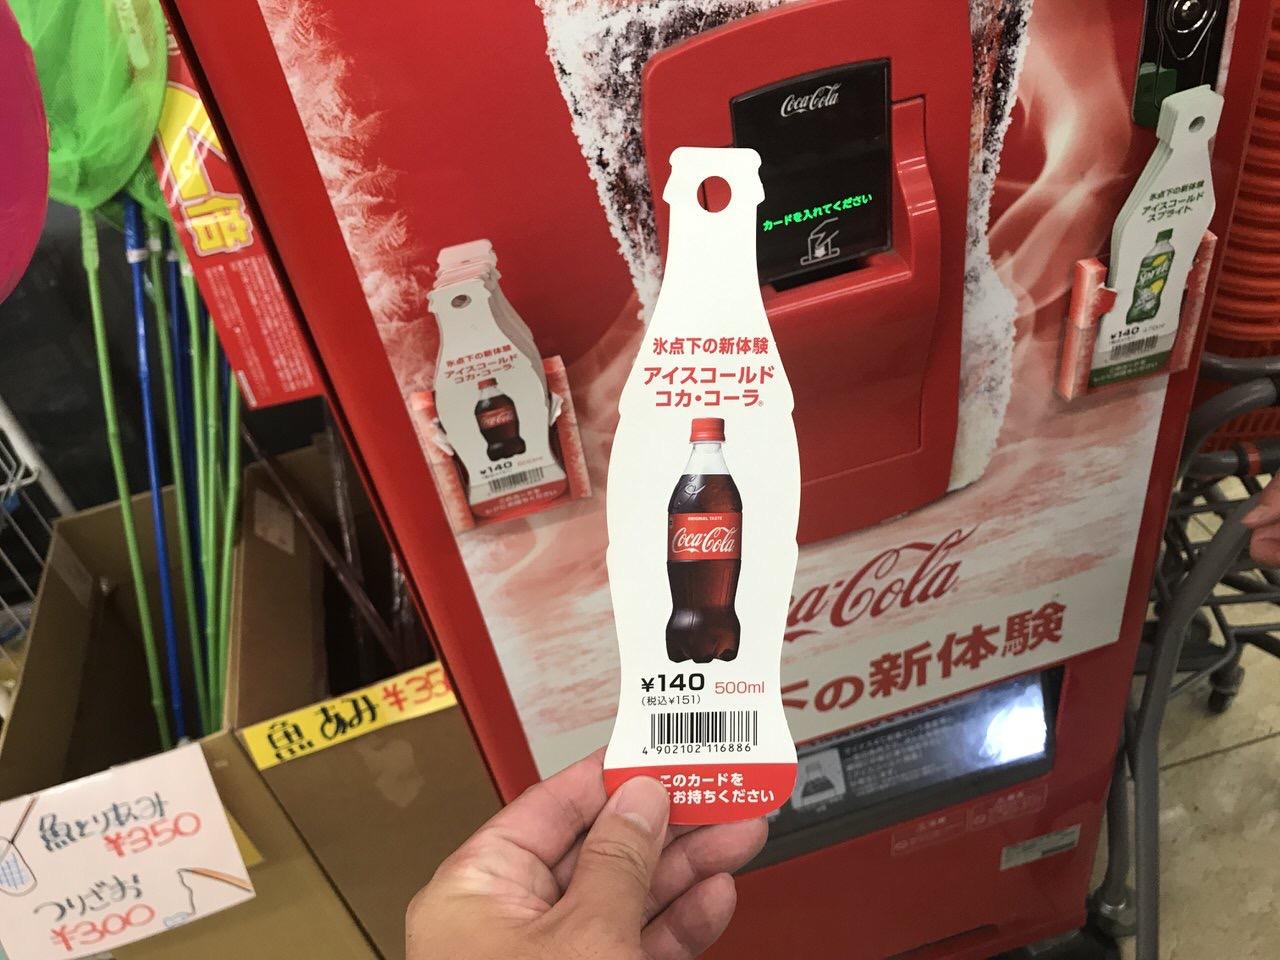 過冷却で凍る「アイスコールド コカコーラ」3